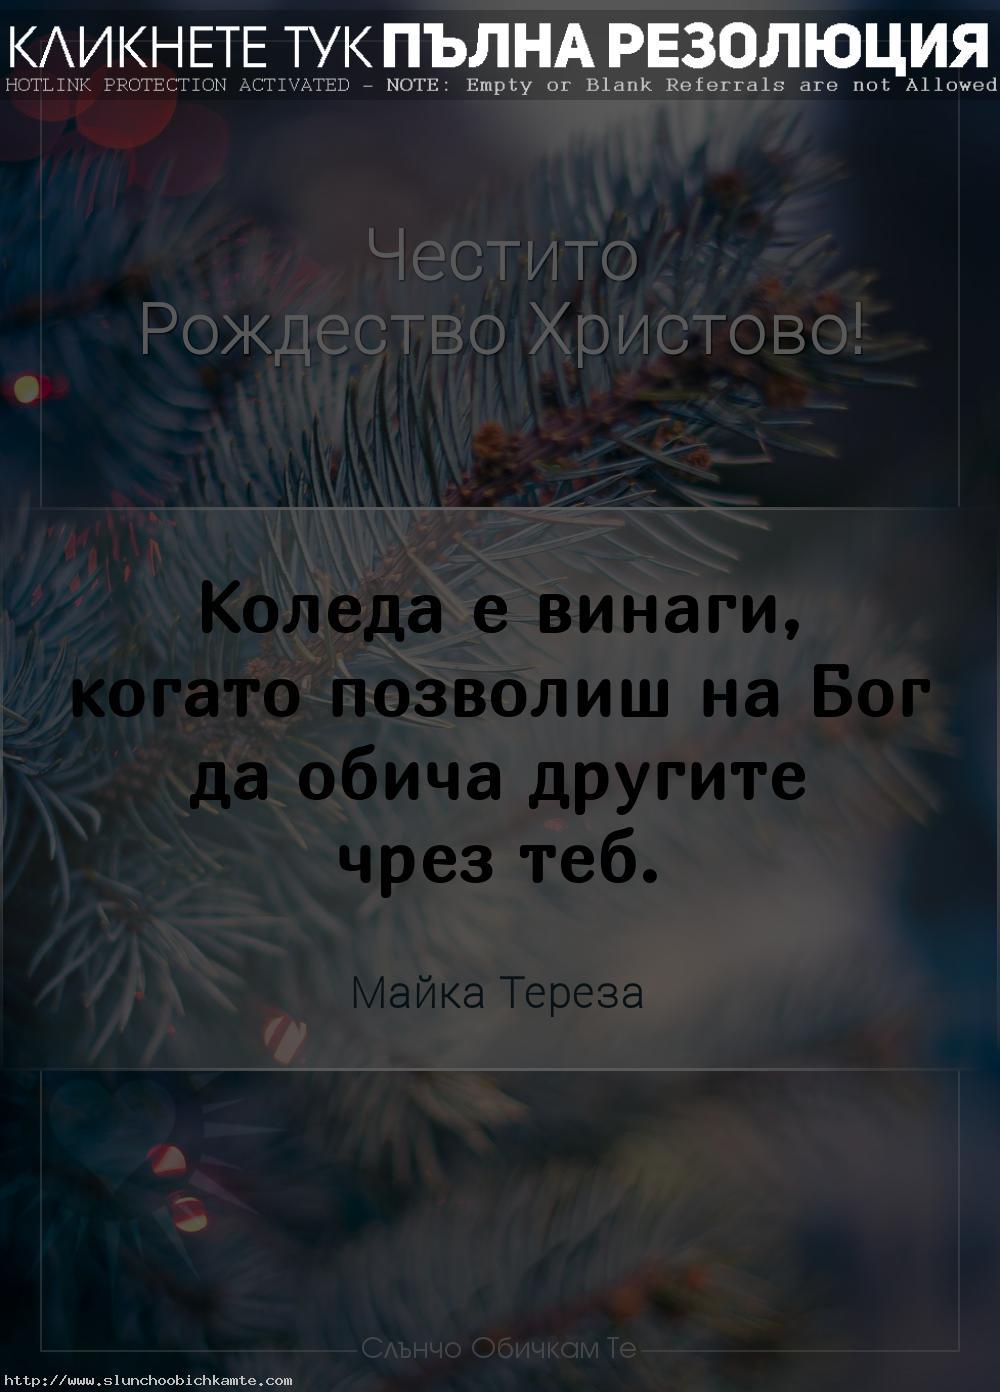 Коледа е винаги, когато позволиш на Бог да обича другите чрез теб - Рождество Христово 2020, Коледни картички и пожелания, цитати на Майка Тереза